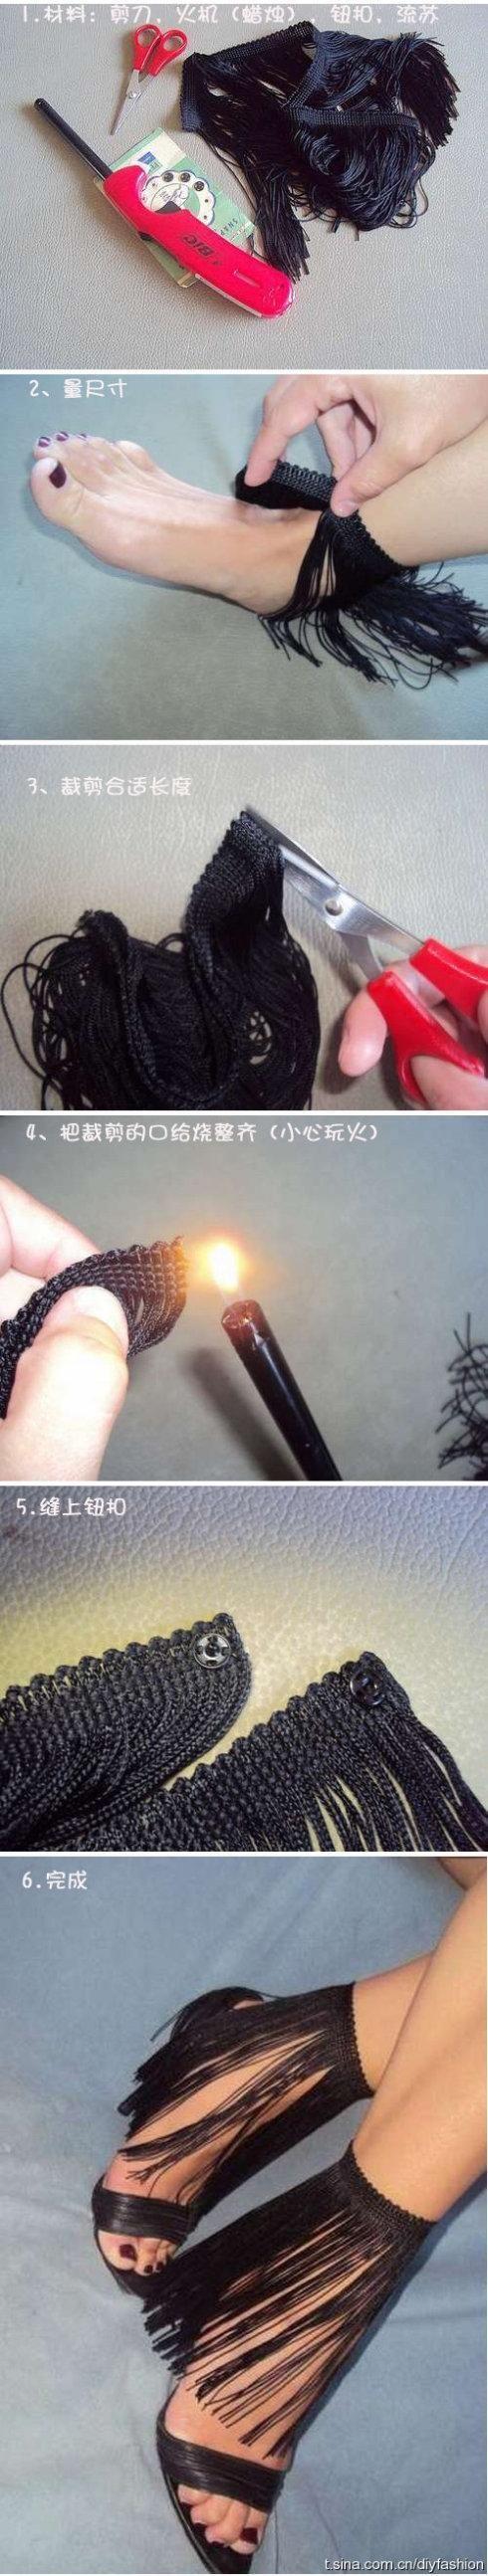 DIY Fringed Shoes